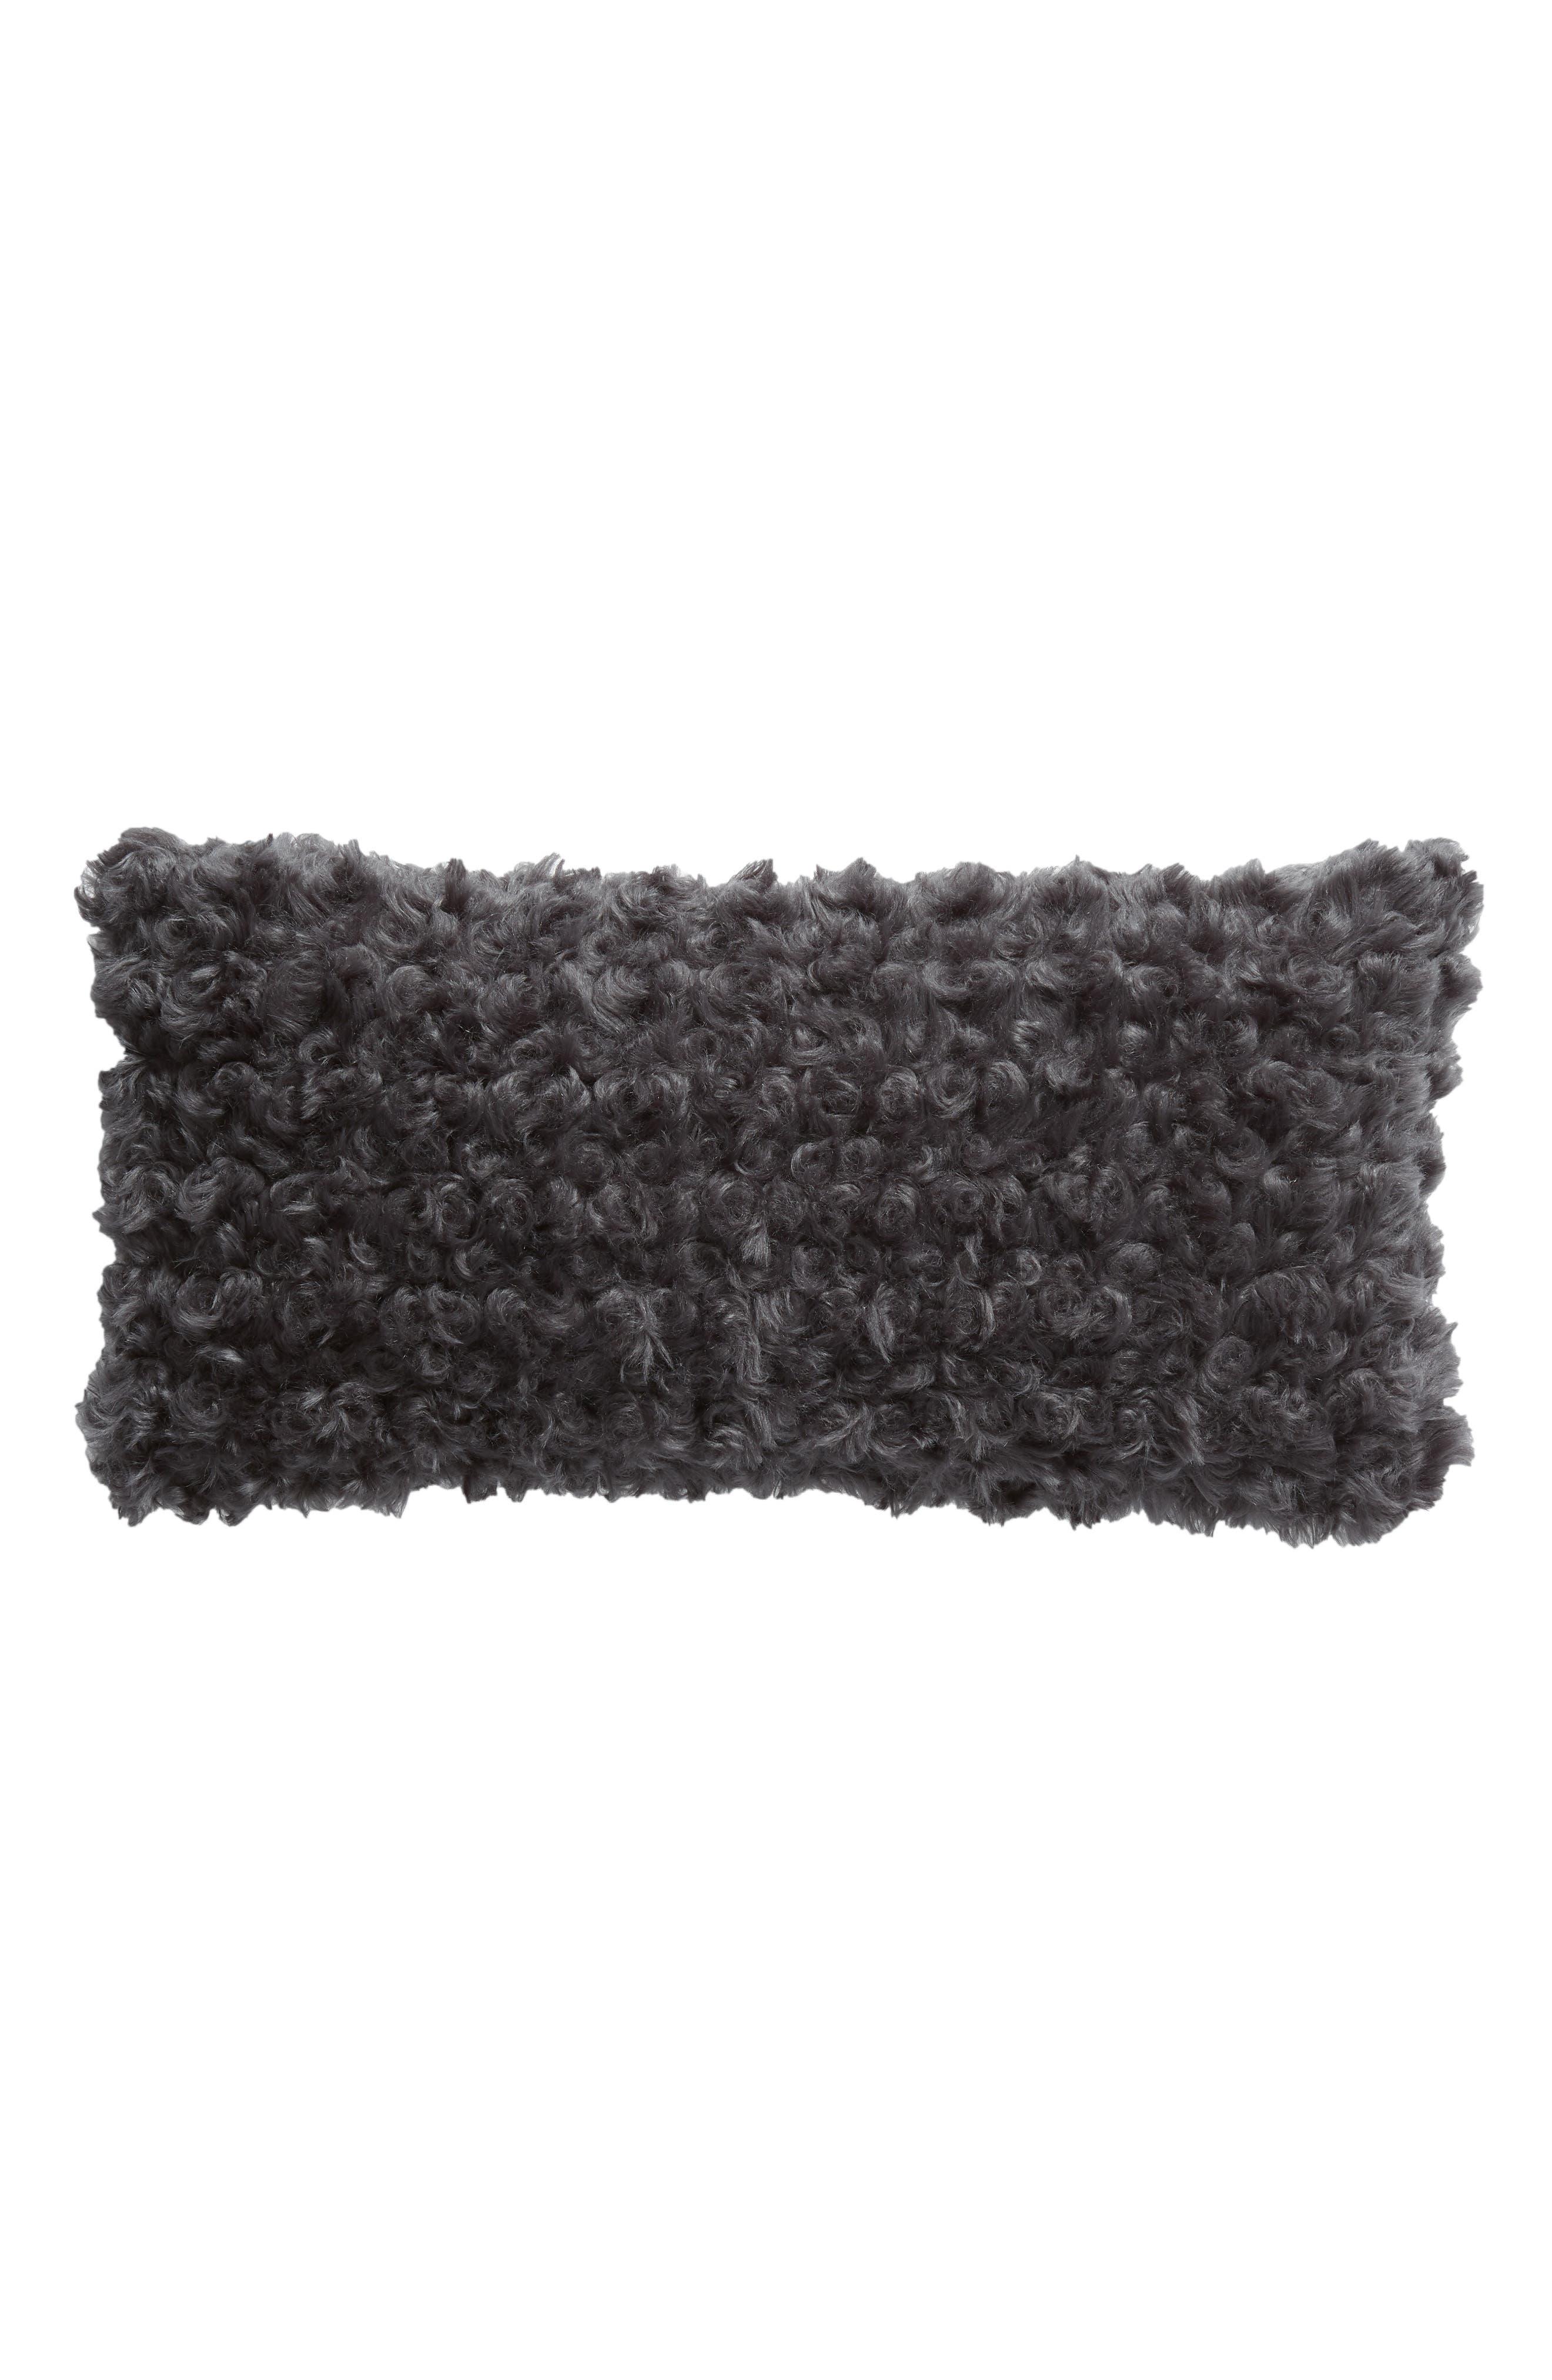 TREASURE & BOND,                             Faux Fur Accent Pillow,                             Main thumbnail 1, color,                             GREY ONYX